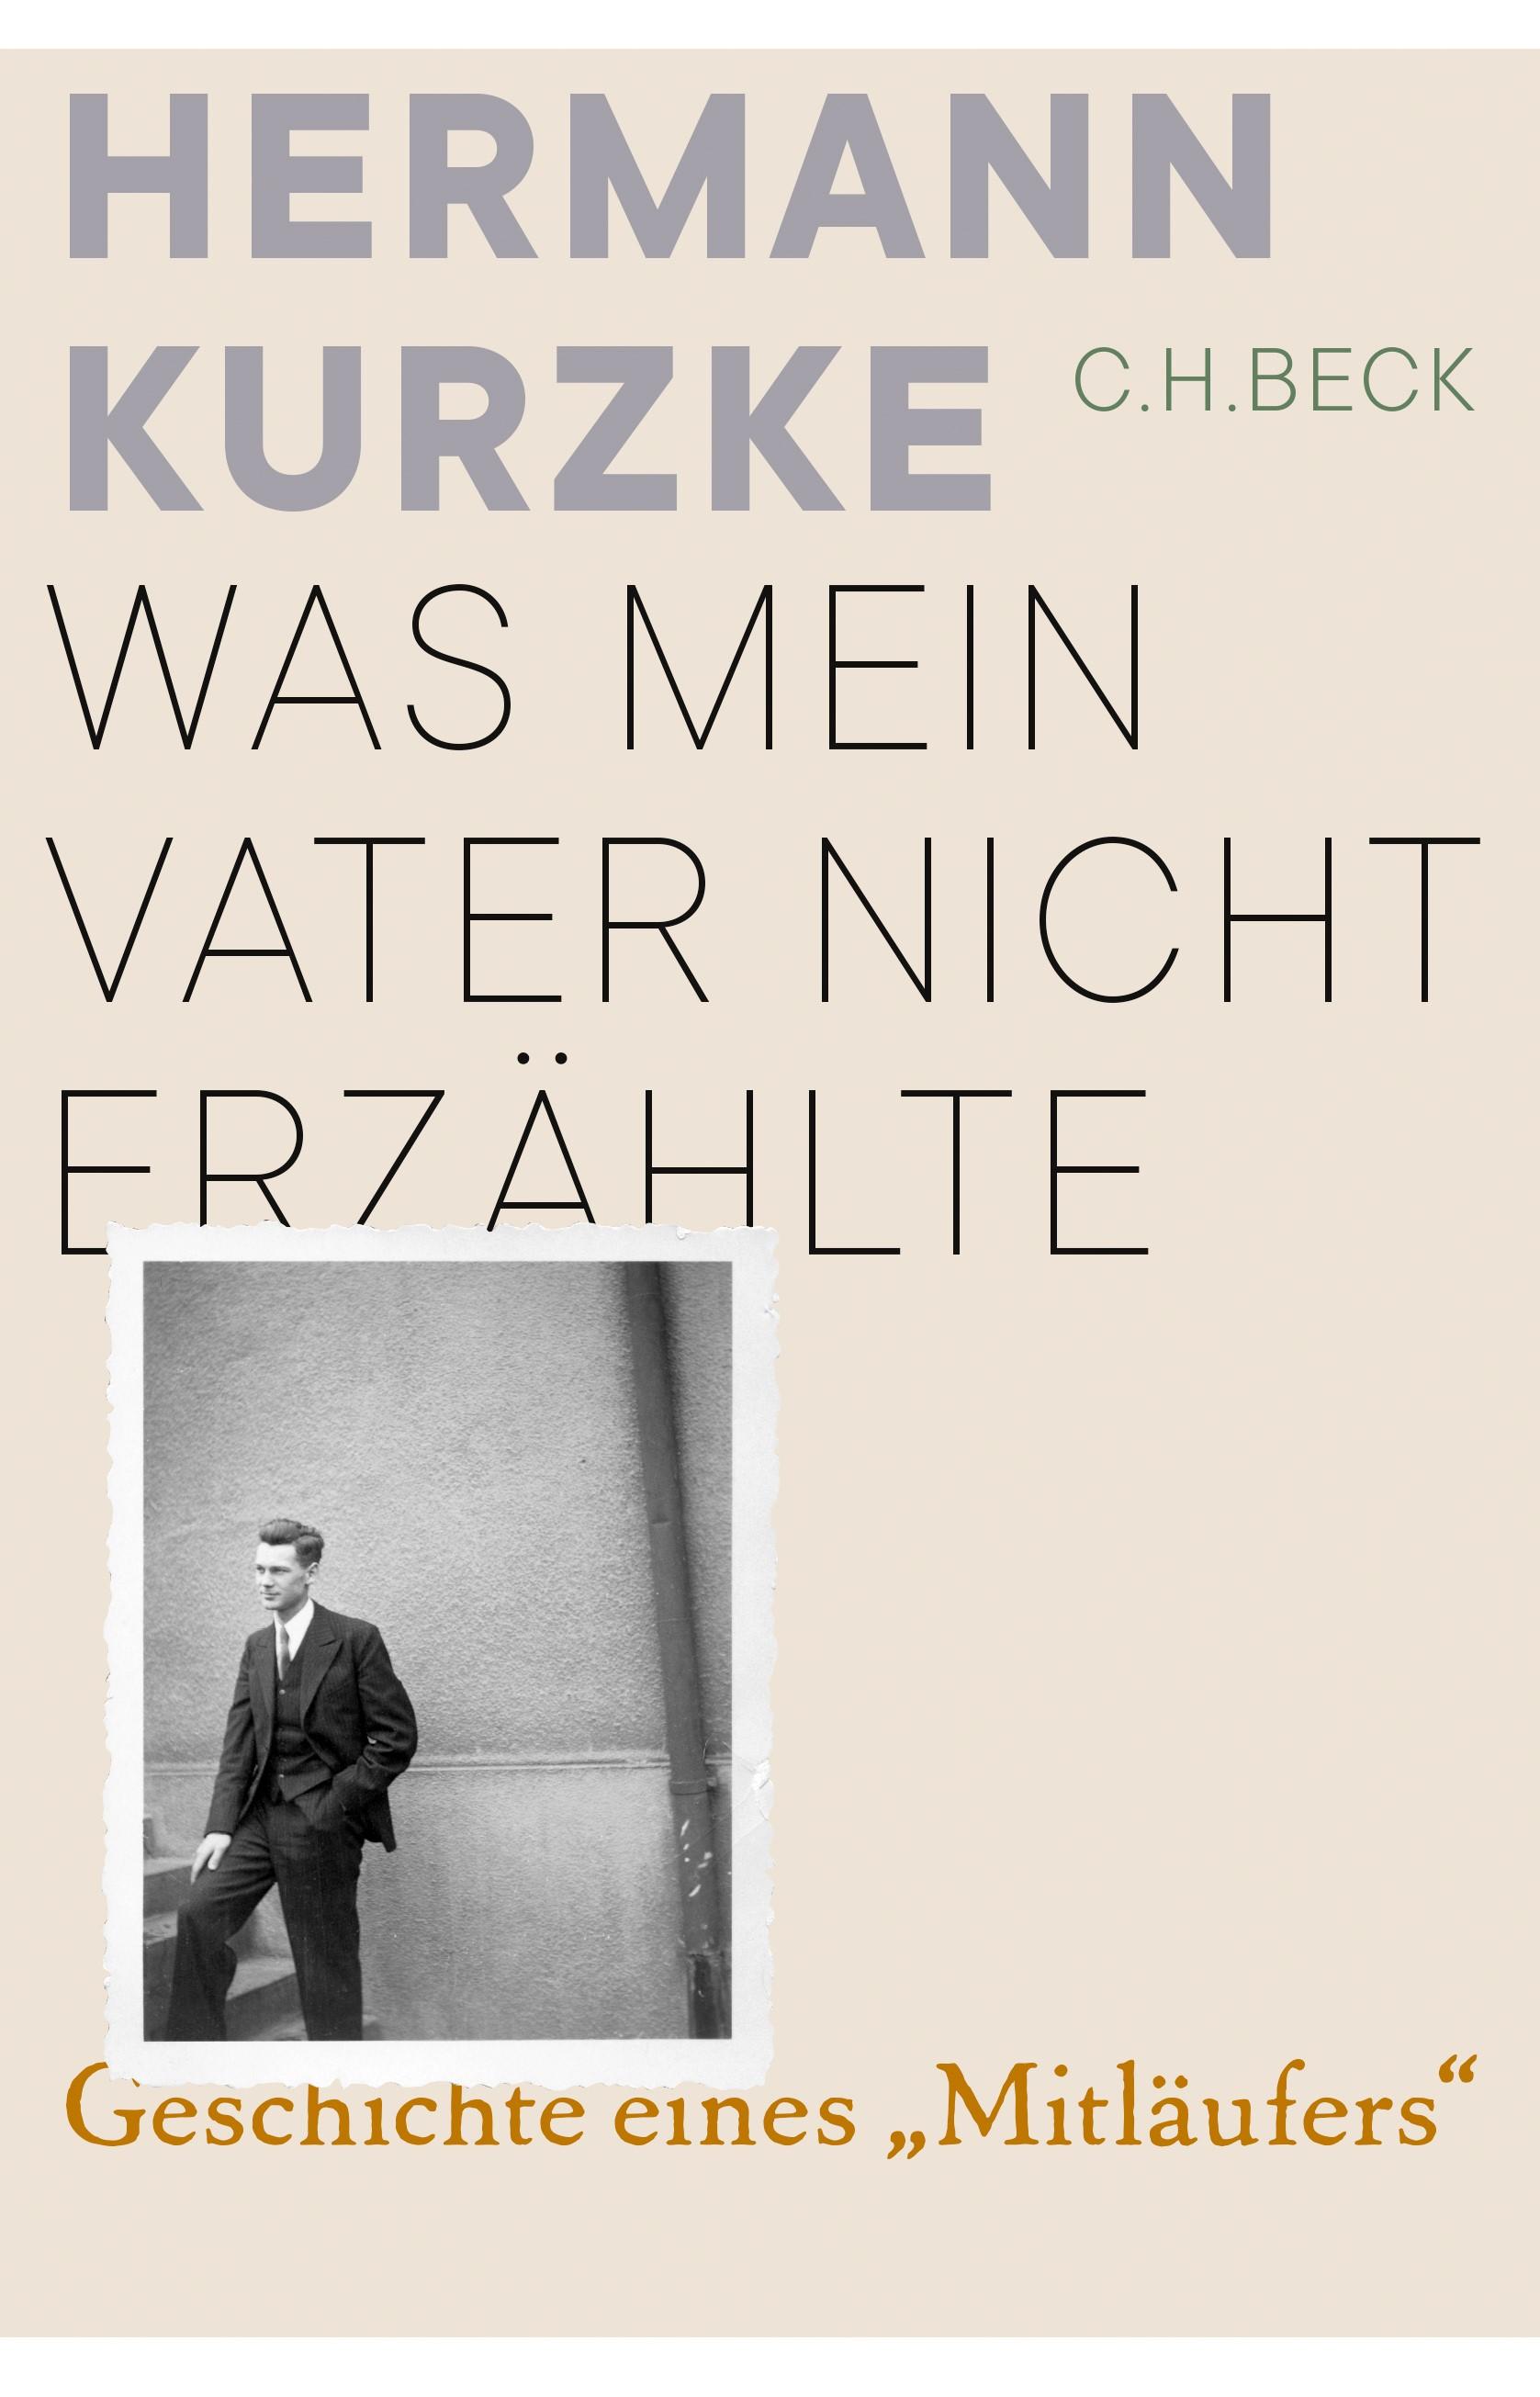 Was mein Vater nicht erzählte | Kurzke, Hermann, 2019 | Buch (Cover)